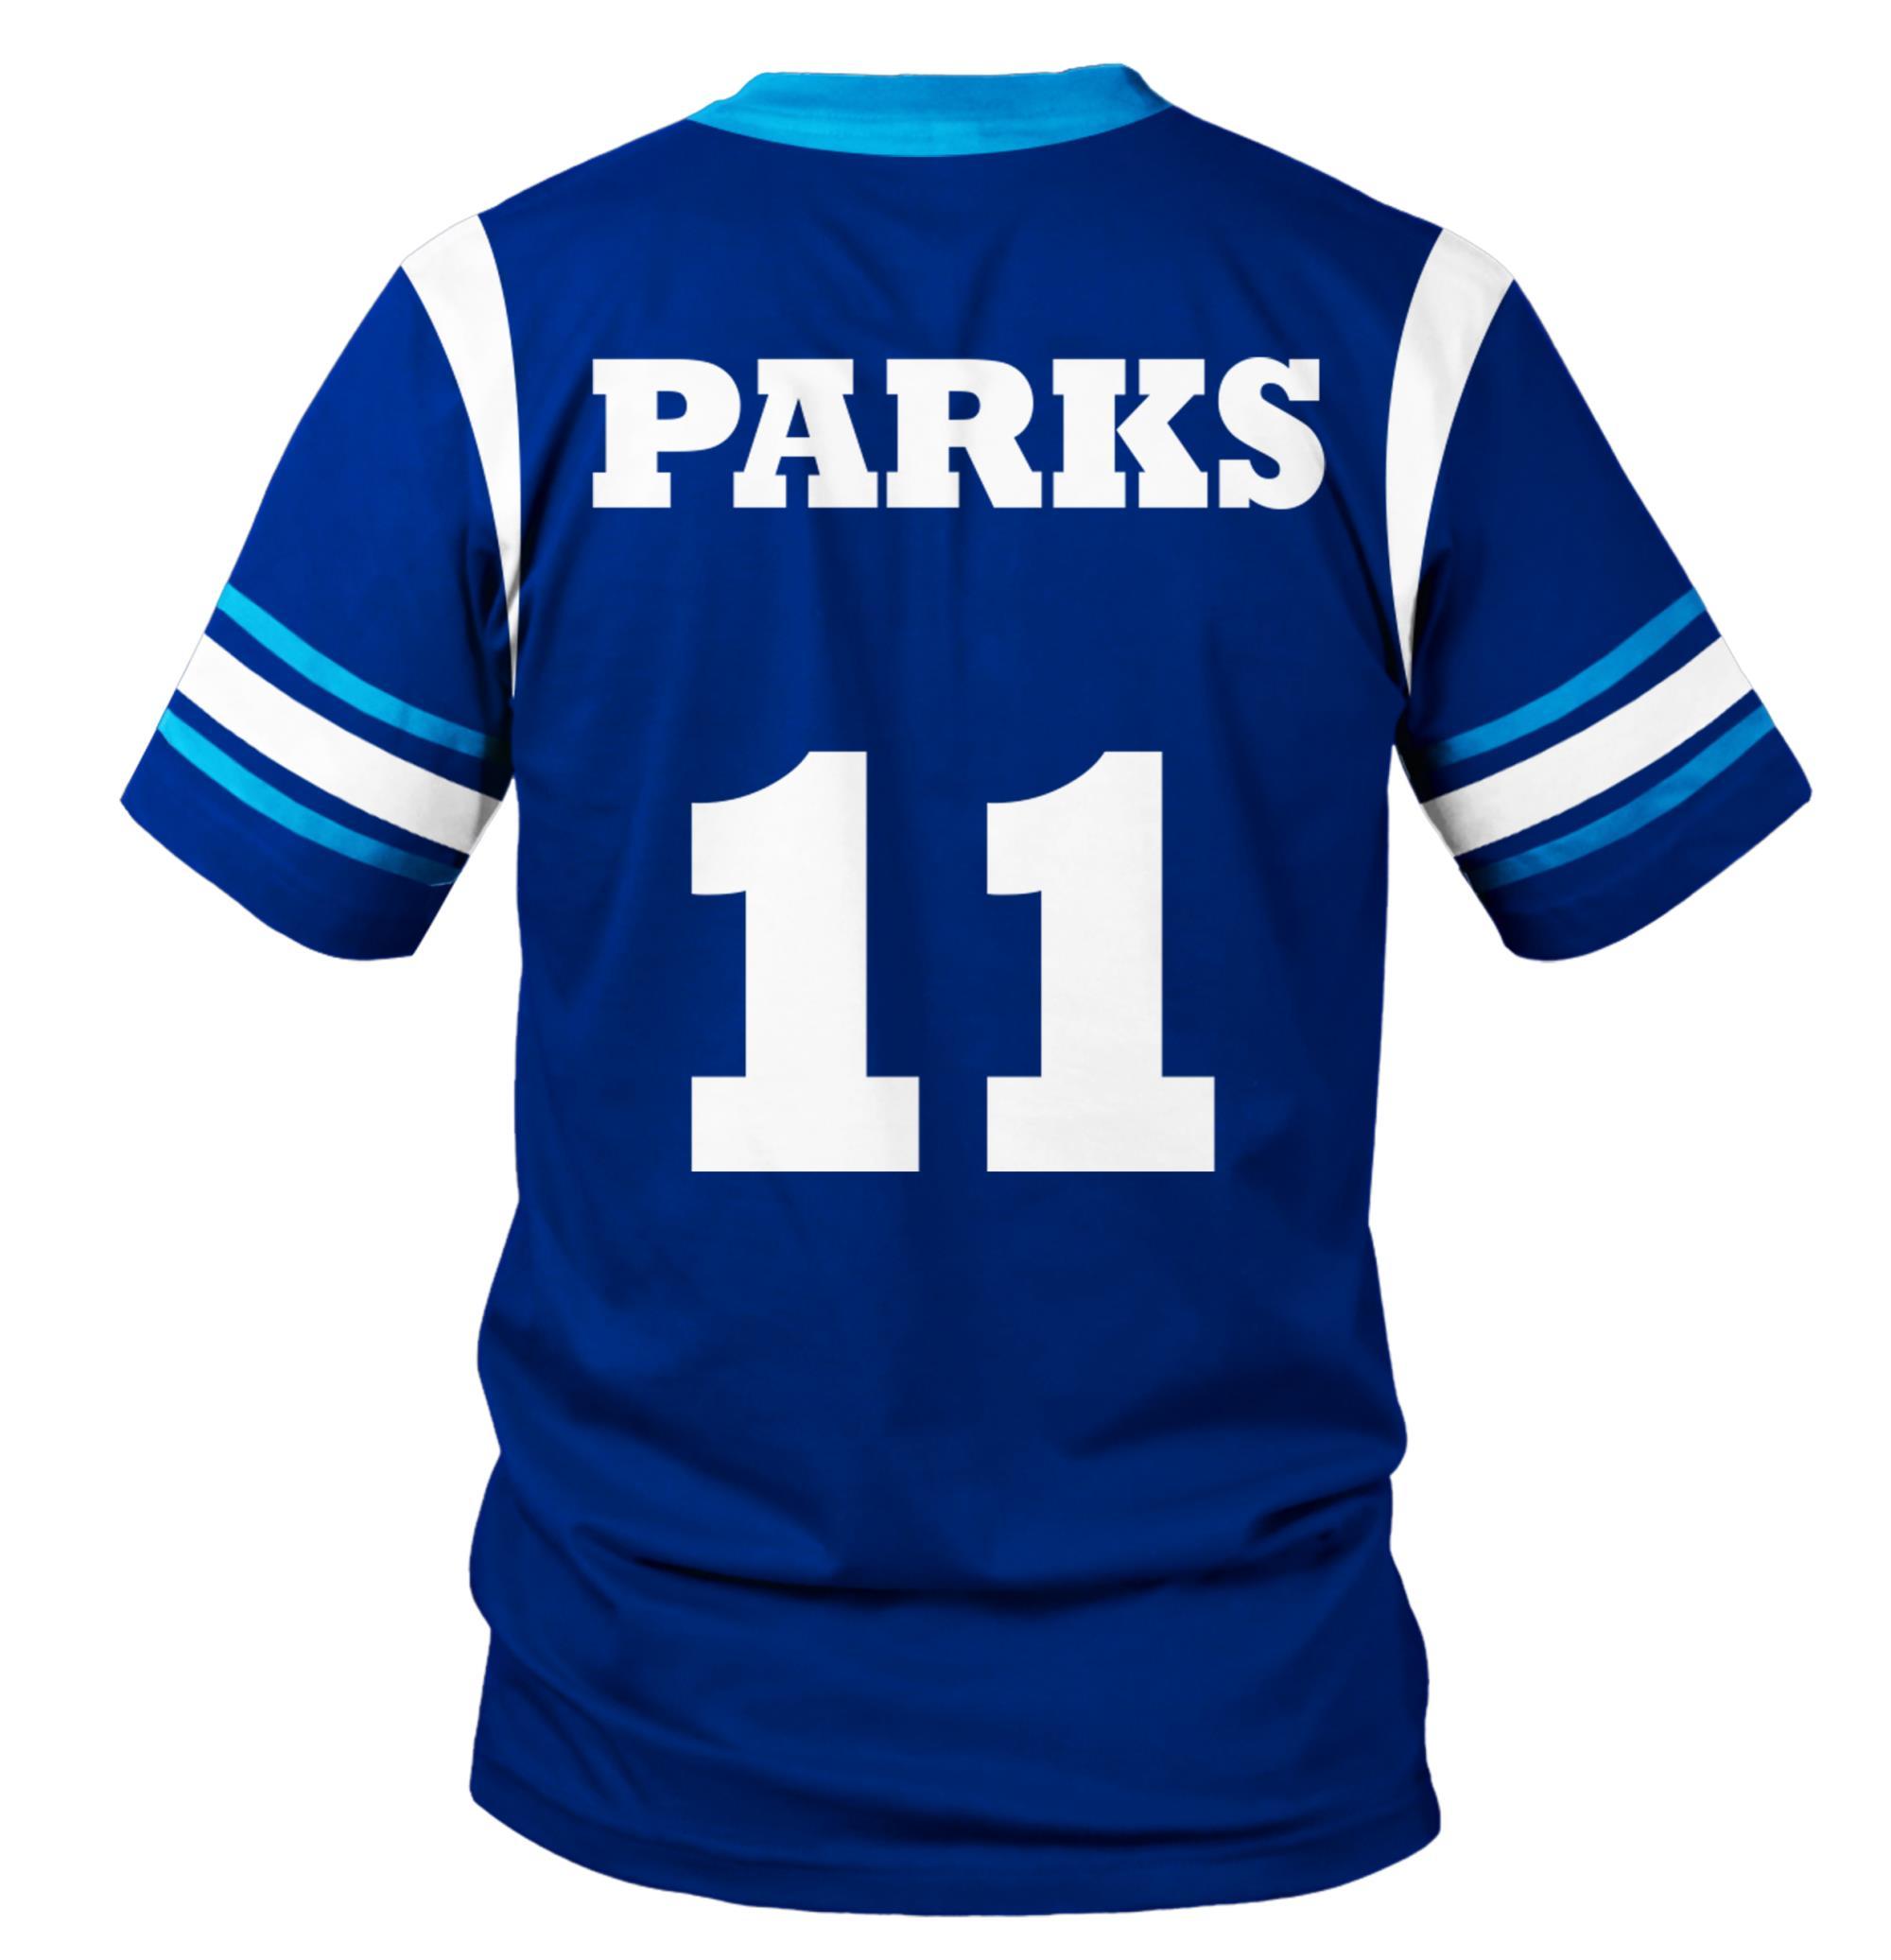 JPEG_SSF Parks 11 Jersey